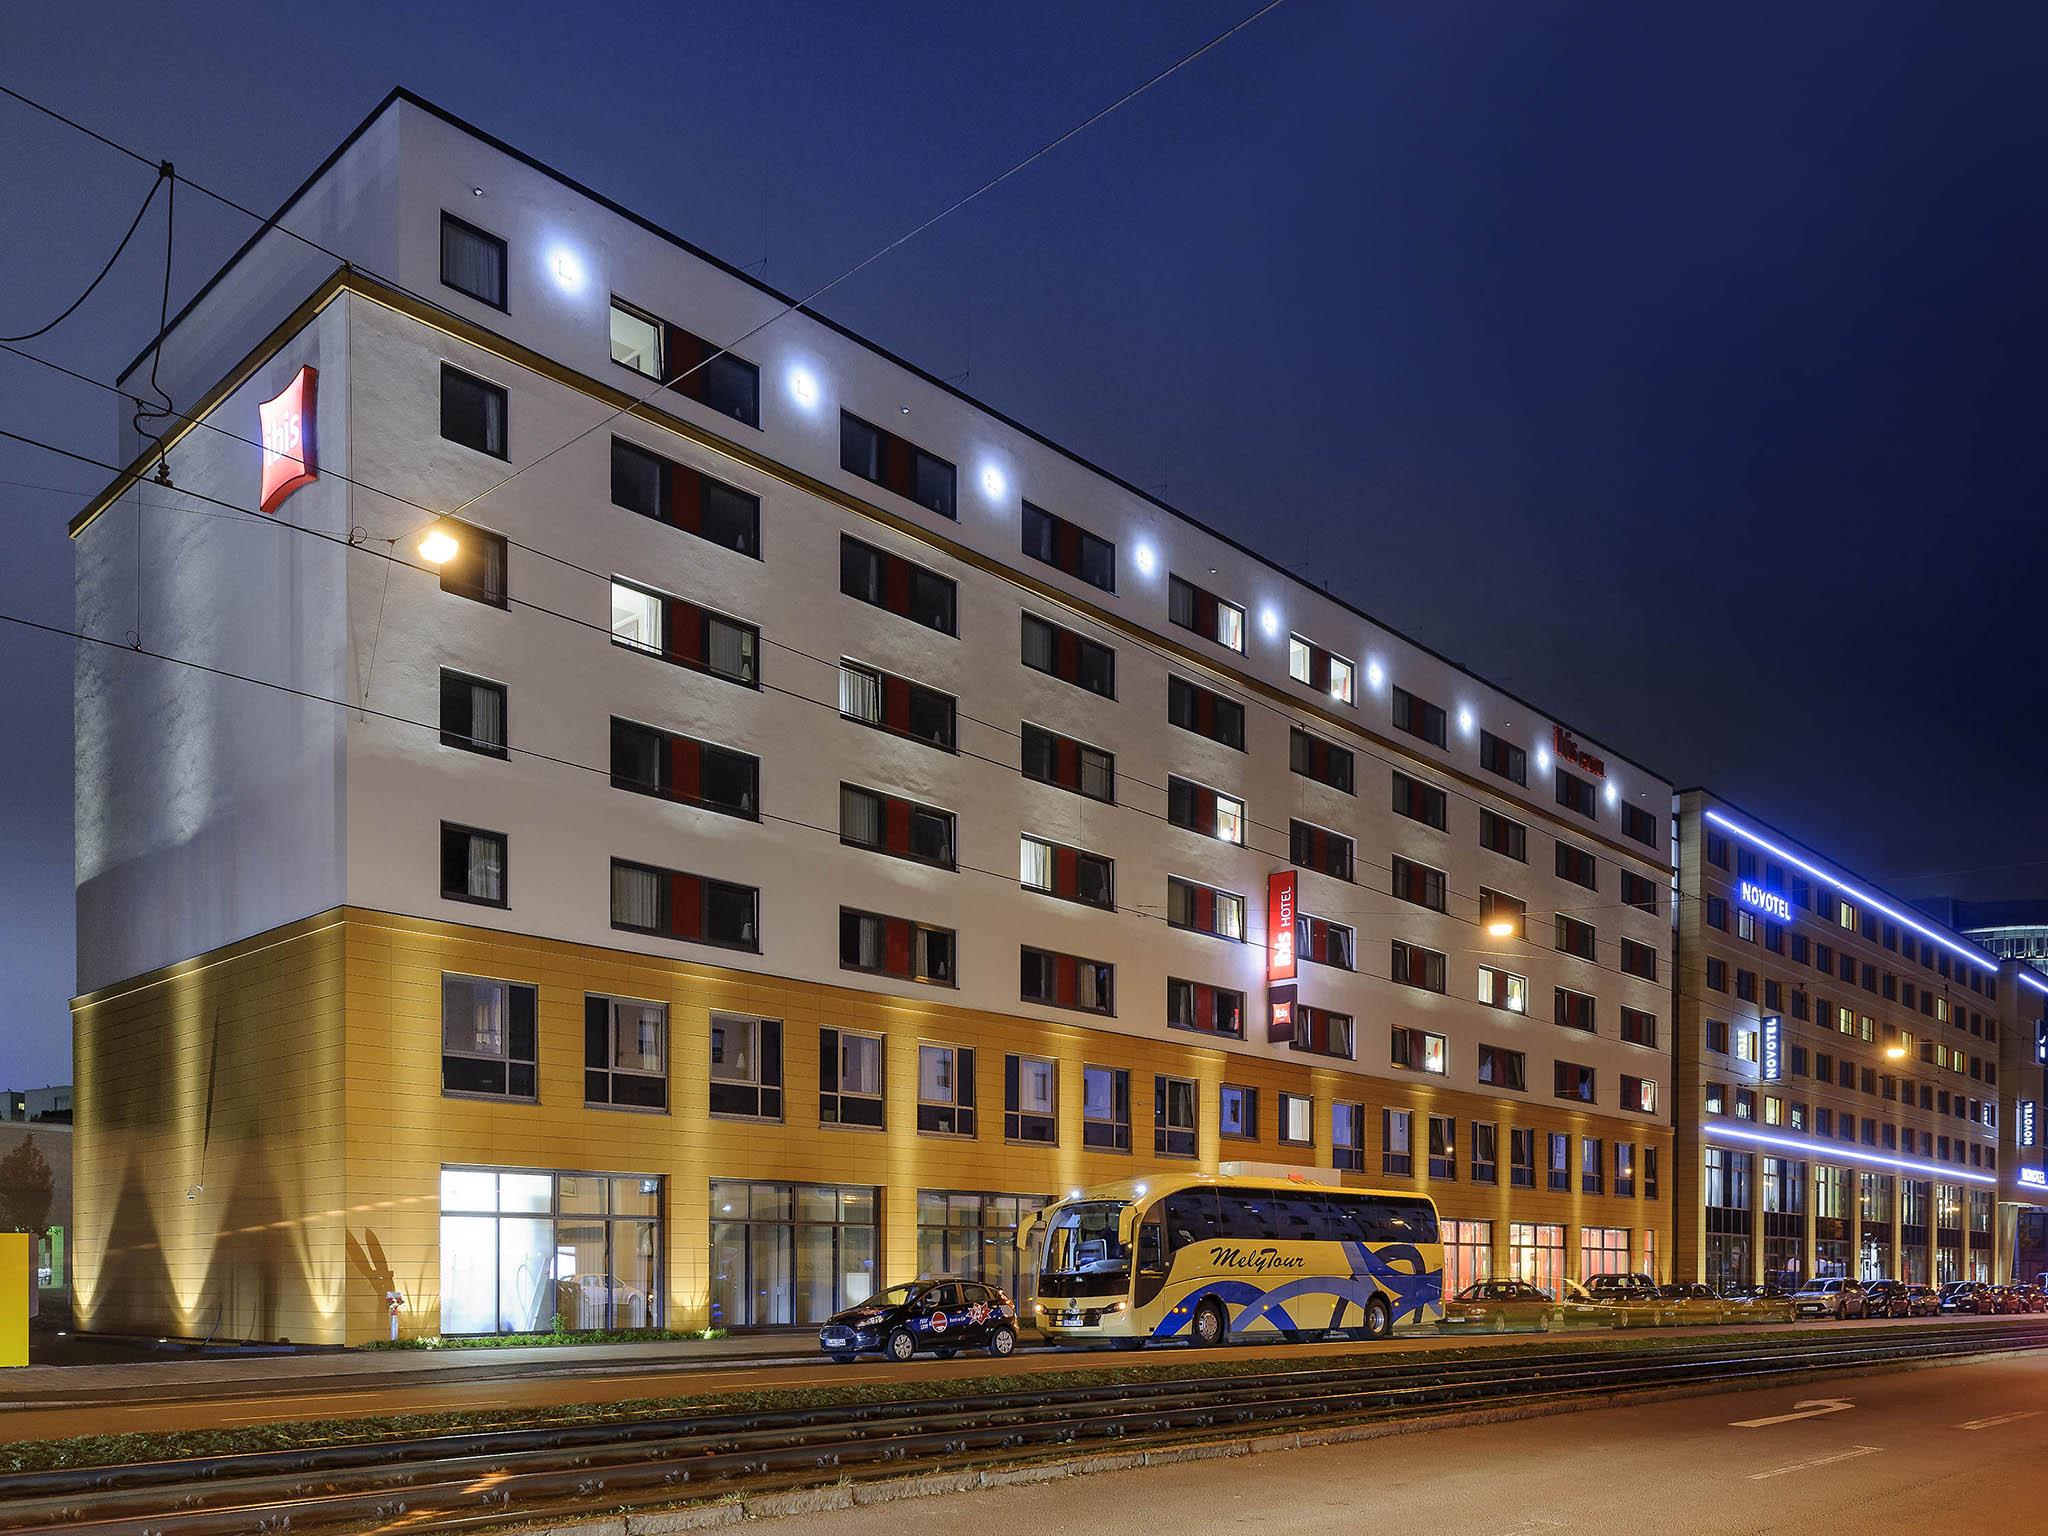 โรงแรม – ไอบิส มุนเช่น ซิตี้ อาร์นุลฟ์พาร์ค